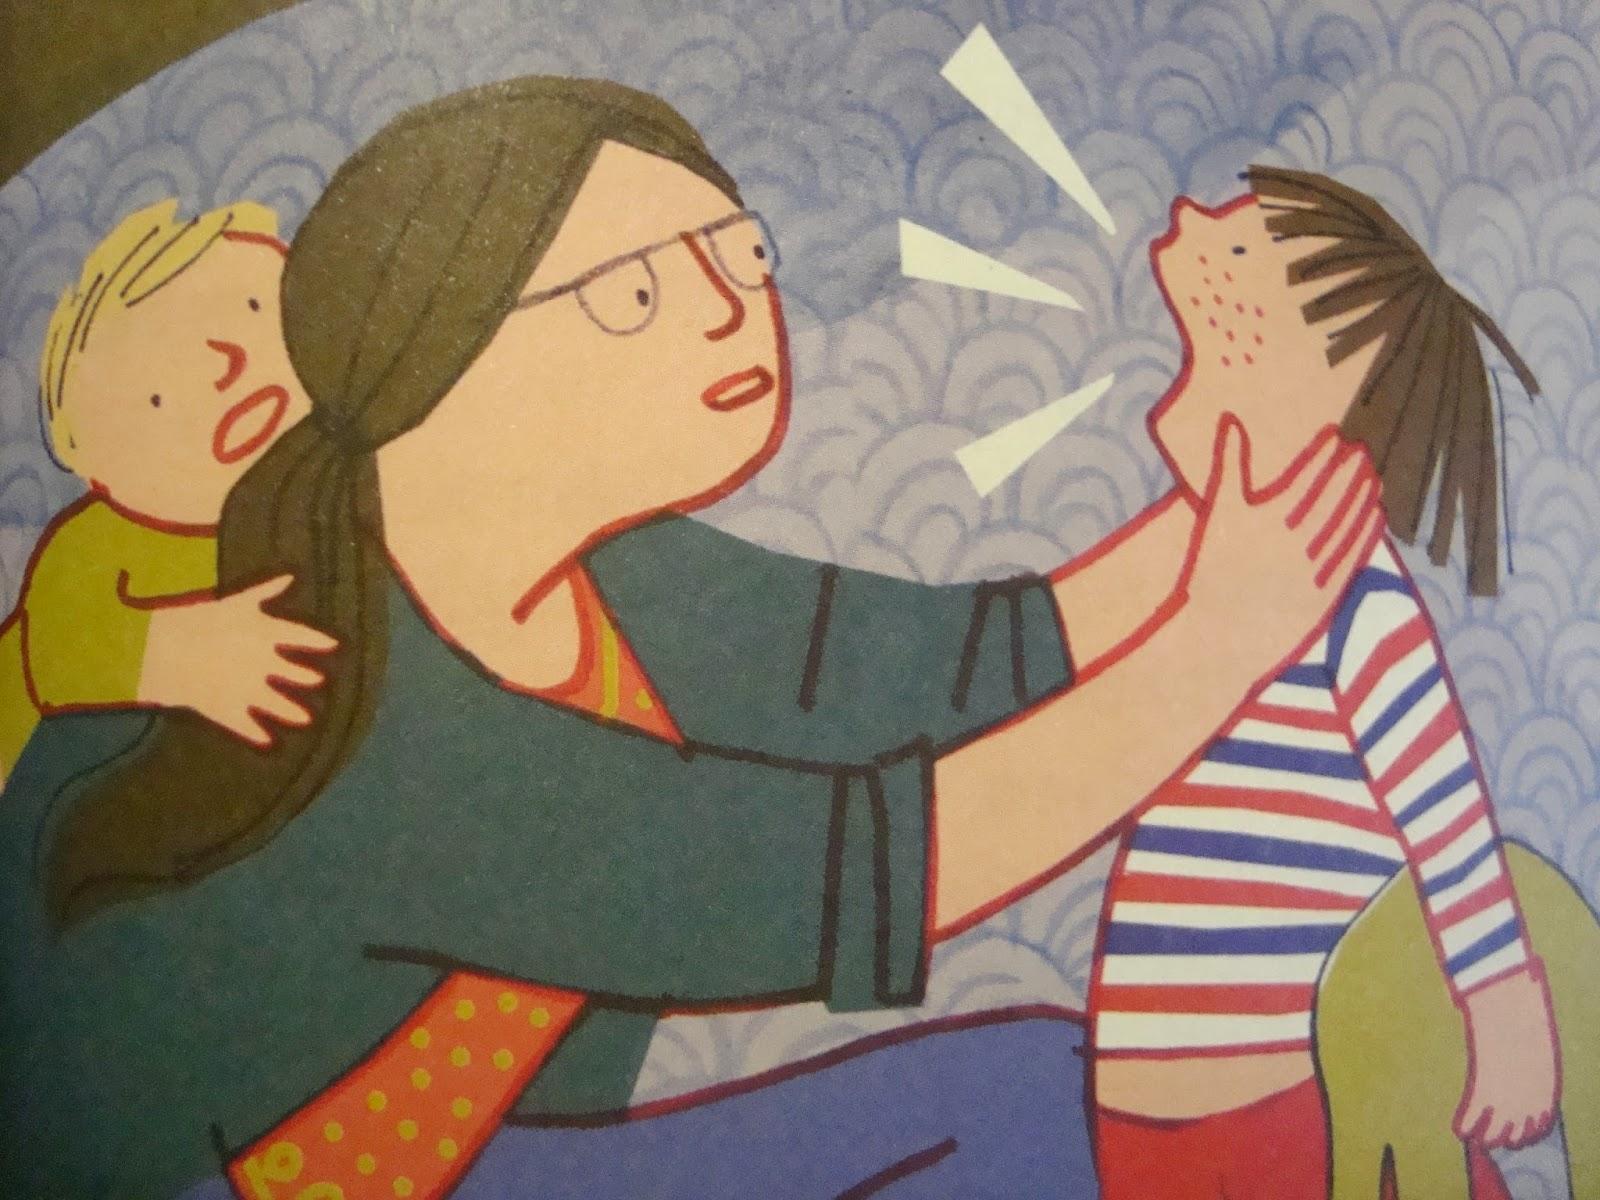 wielka księga, Basia, recenzja, książka dla dzieci, egmont